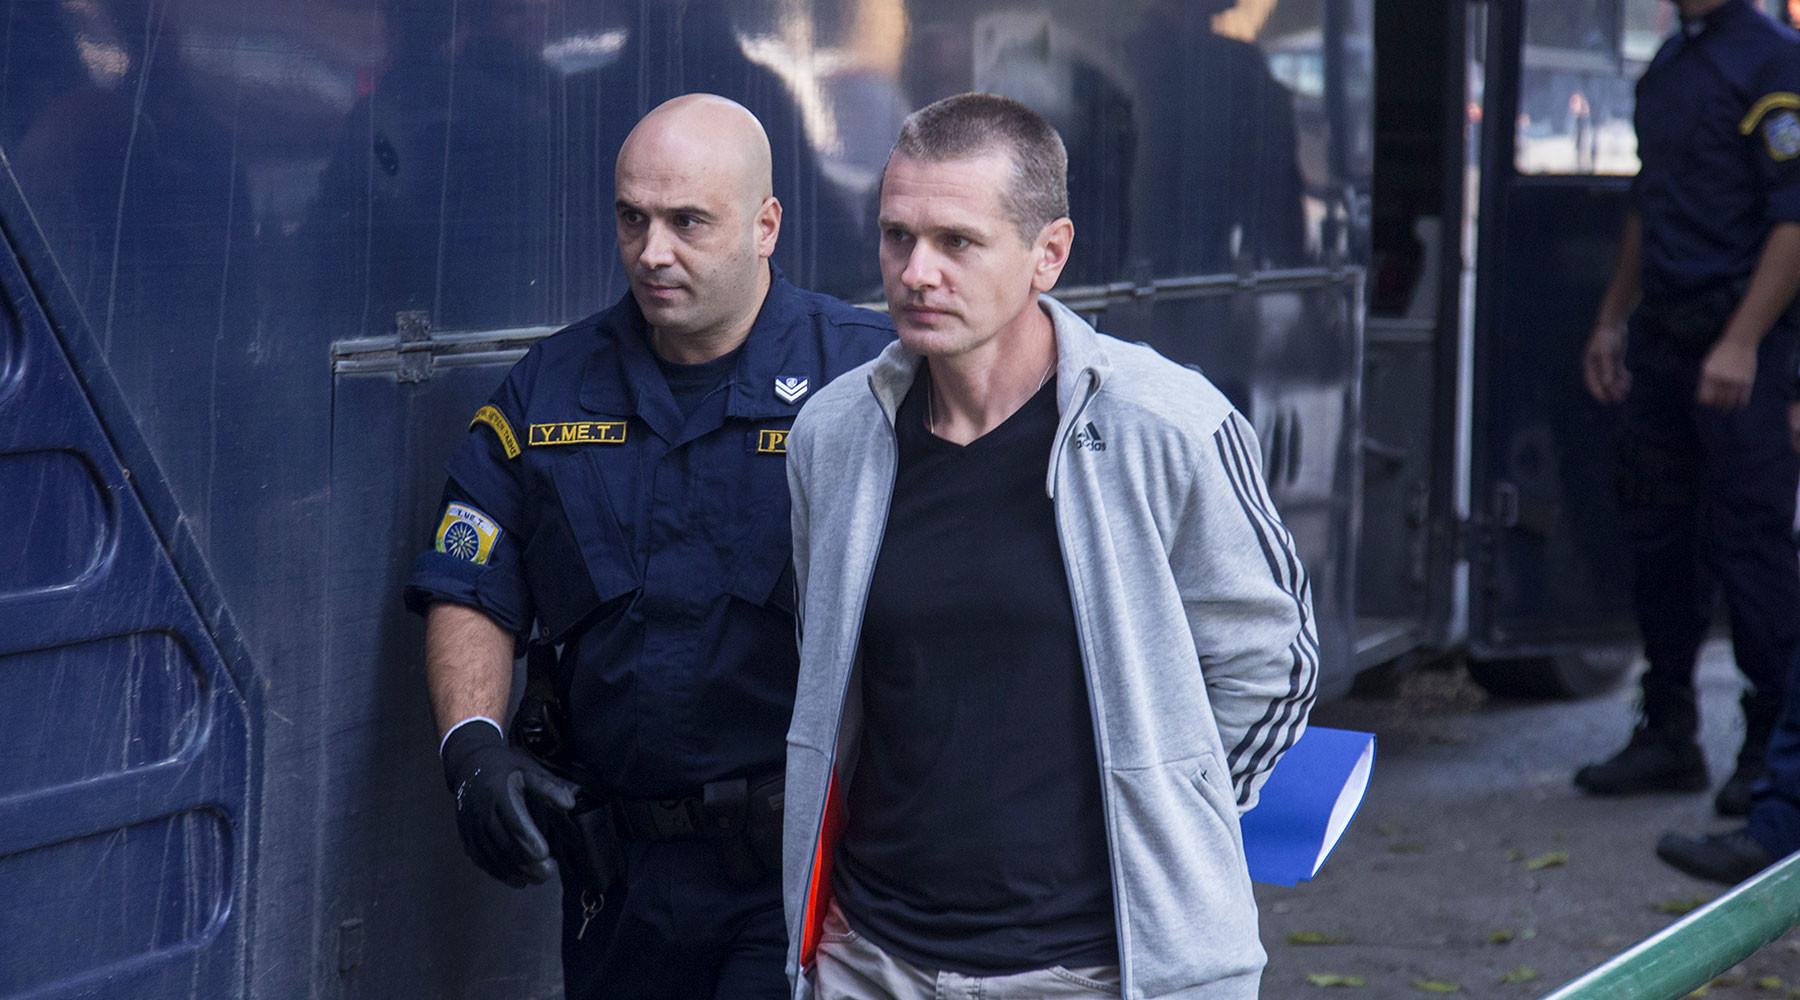 к задержанному в Греции россиянину Александру Виннику подали иск на полтора миллиарда евро»